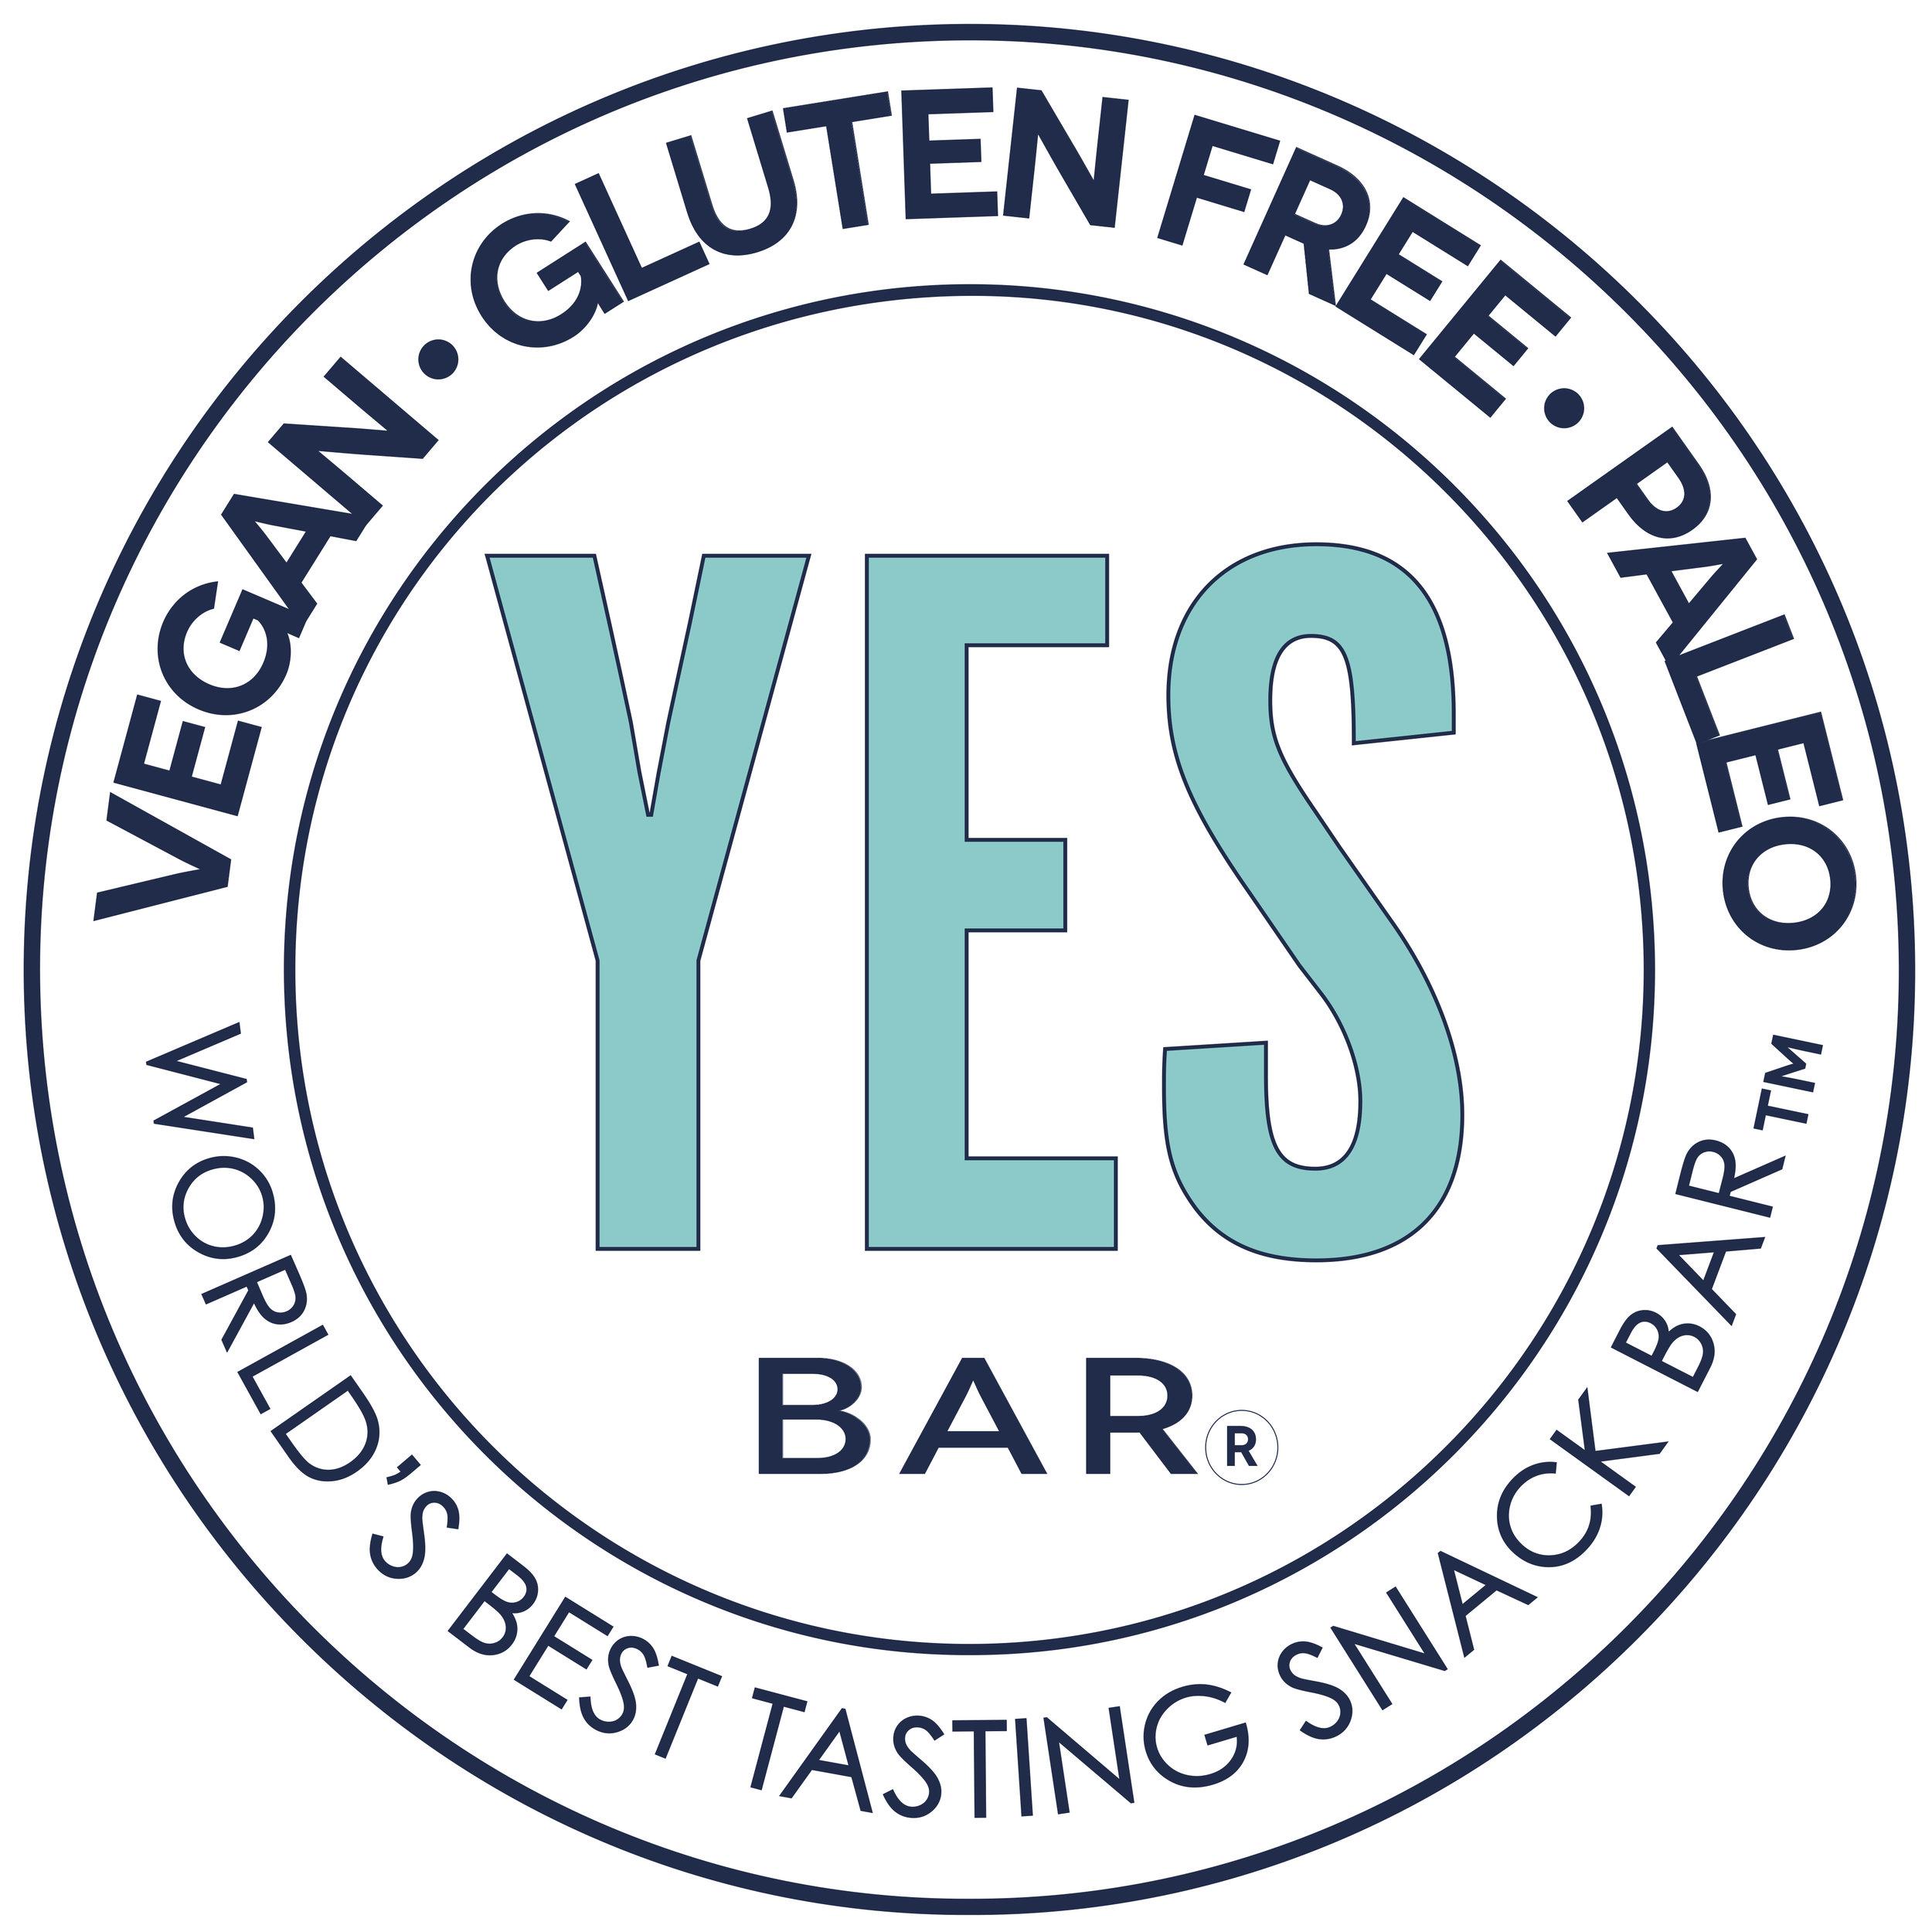 Yes Bar